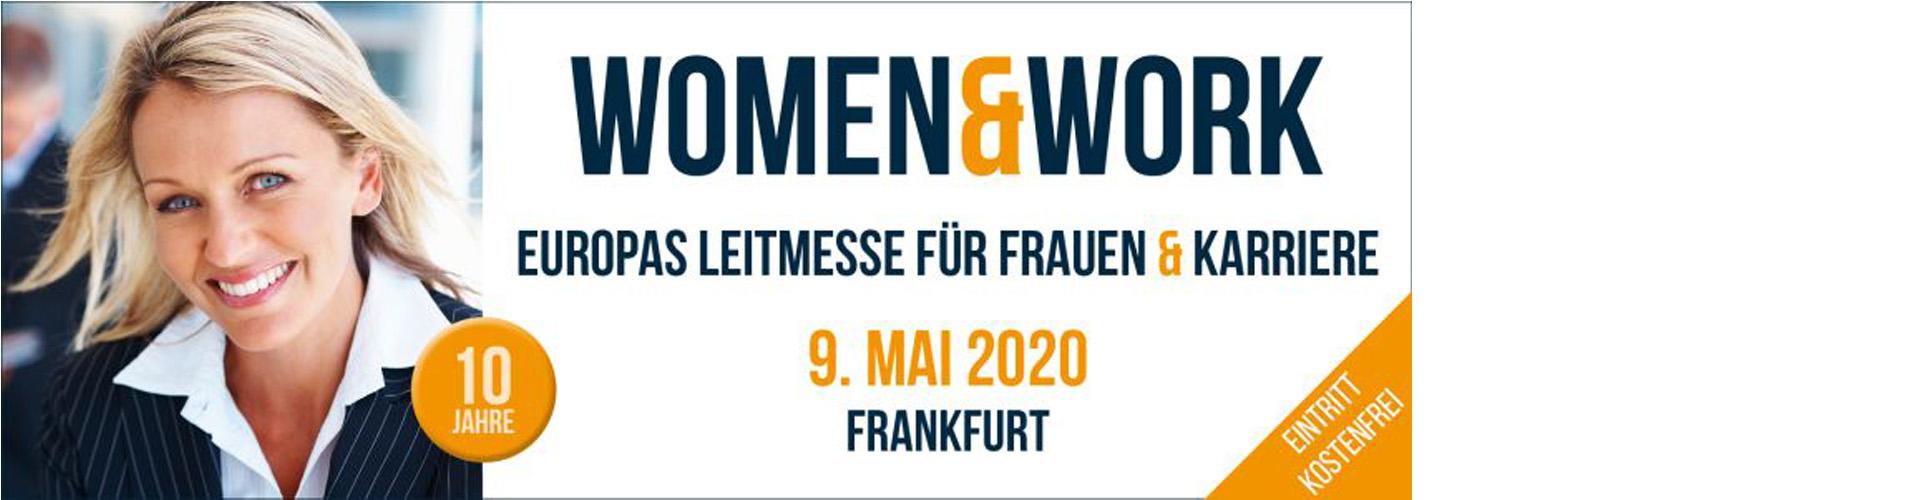 women&work - Europas Leitmesse für Frauen und Karriere